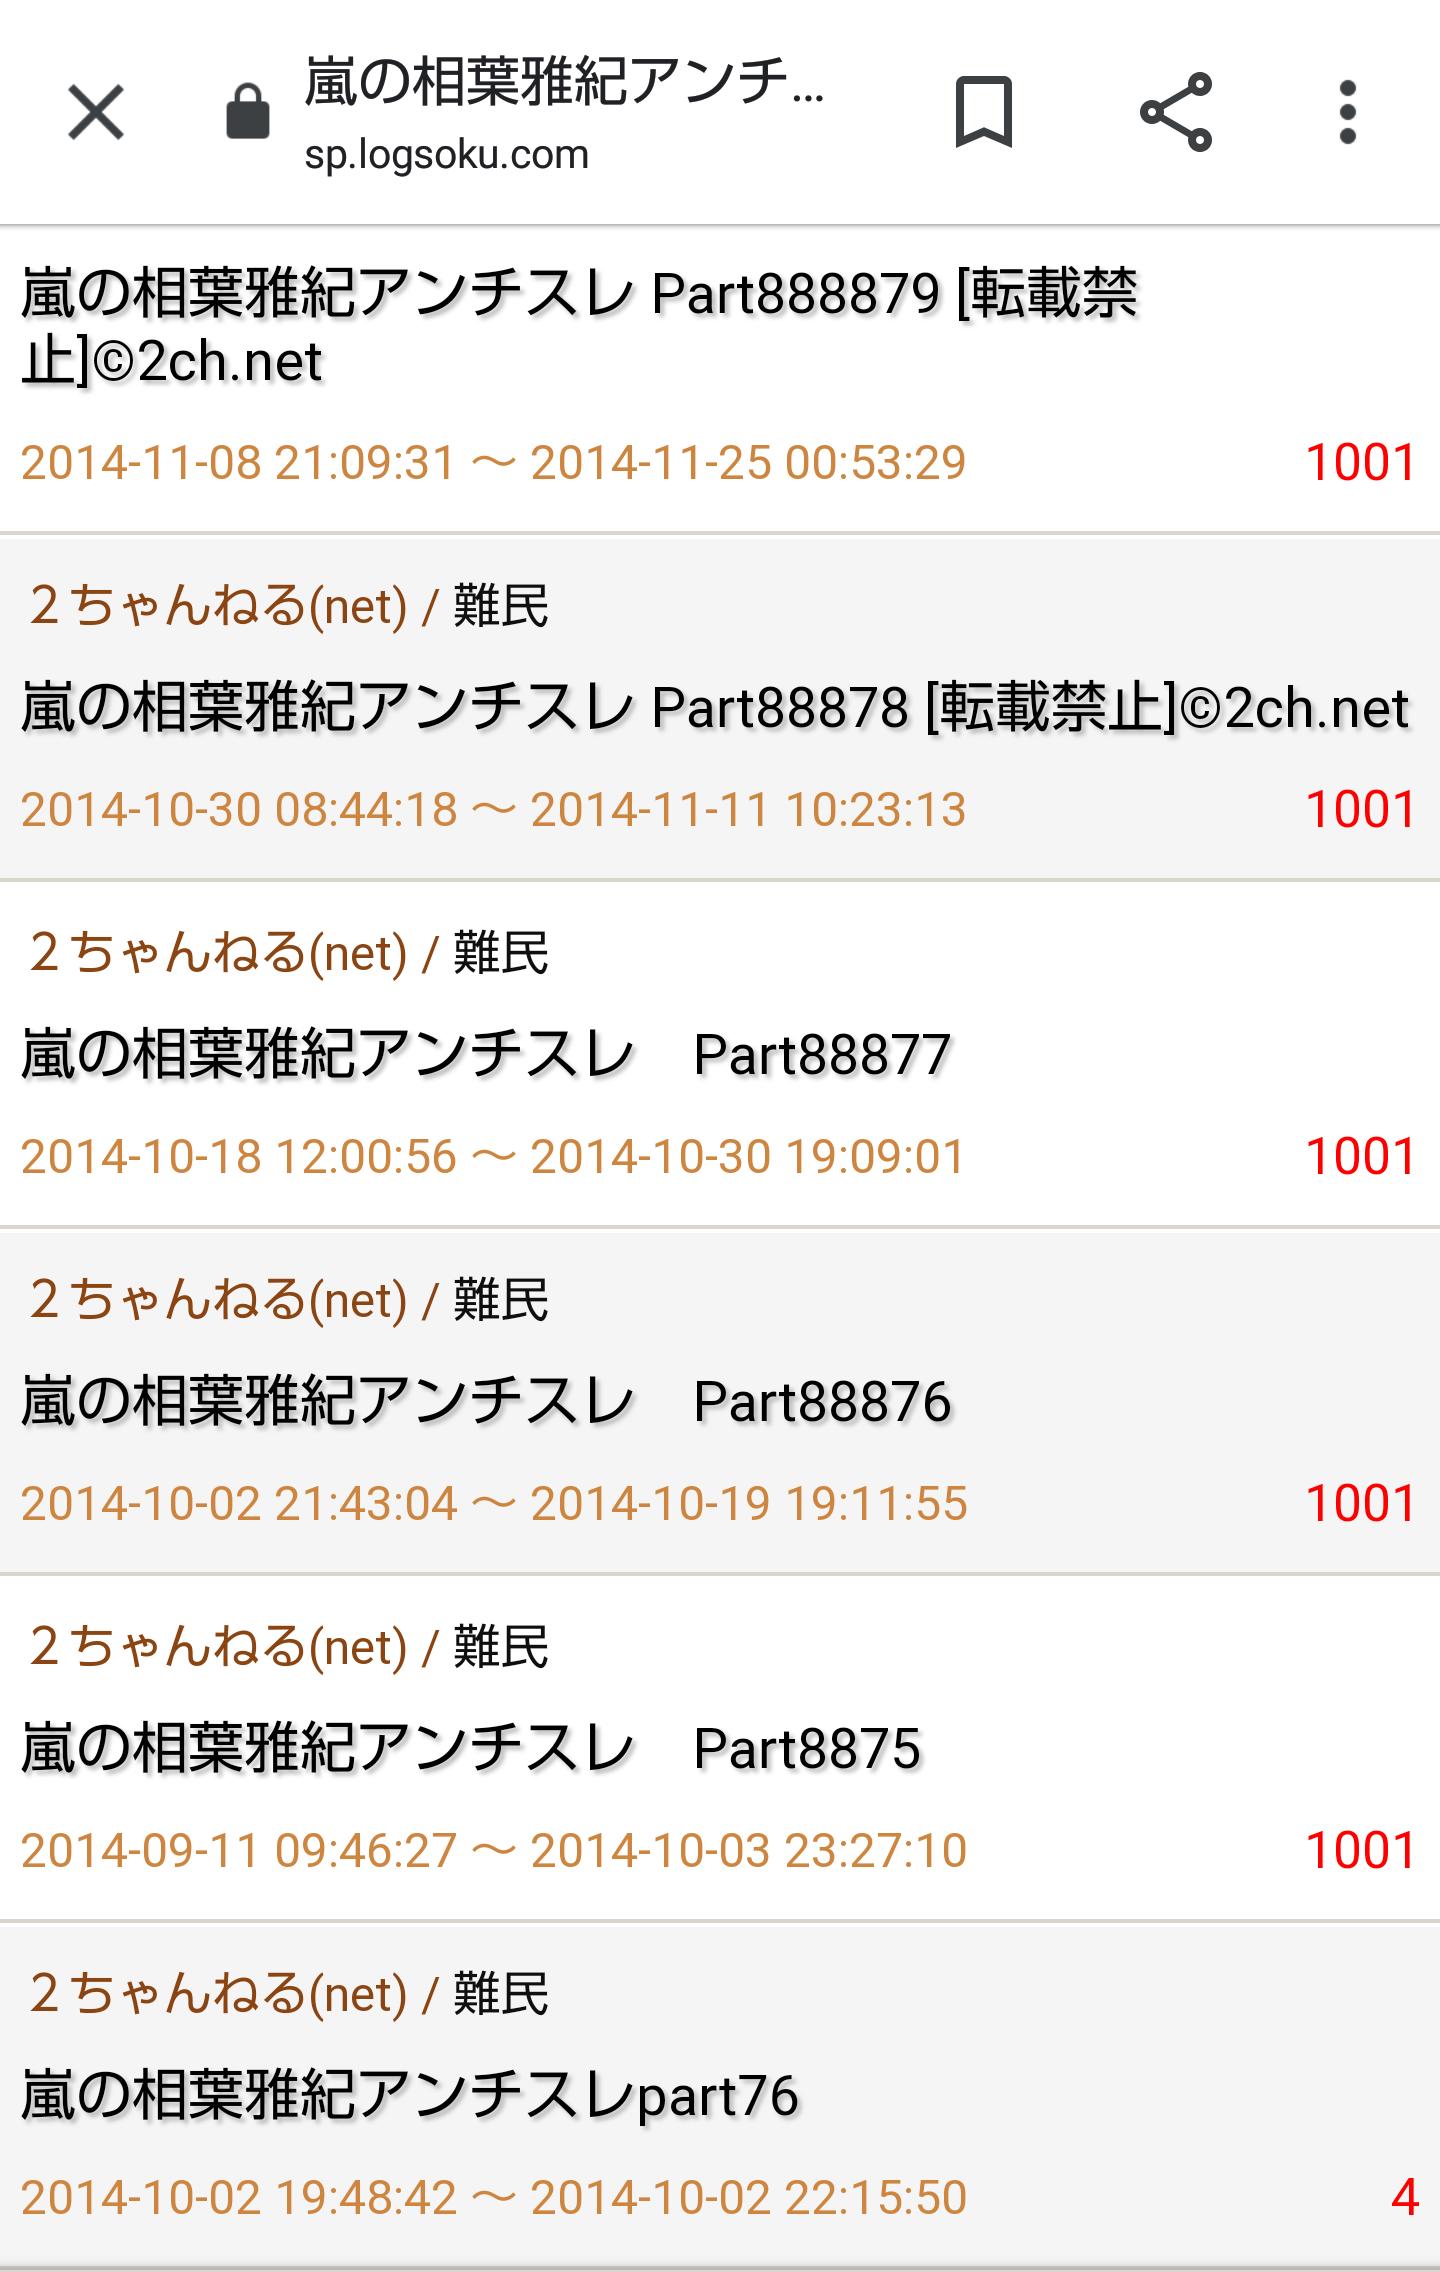 動画 アンチスレ 80 メイク 【YouTube】メイク動画アンチスレpart90